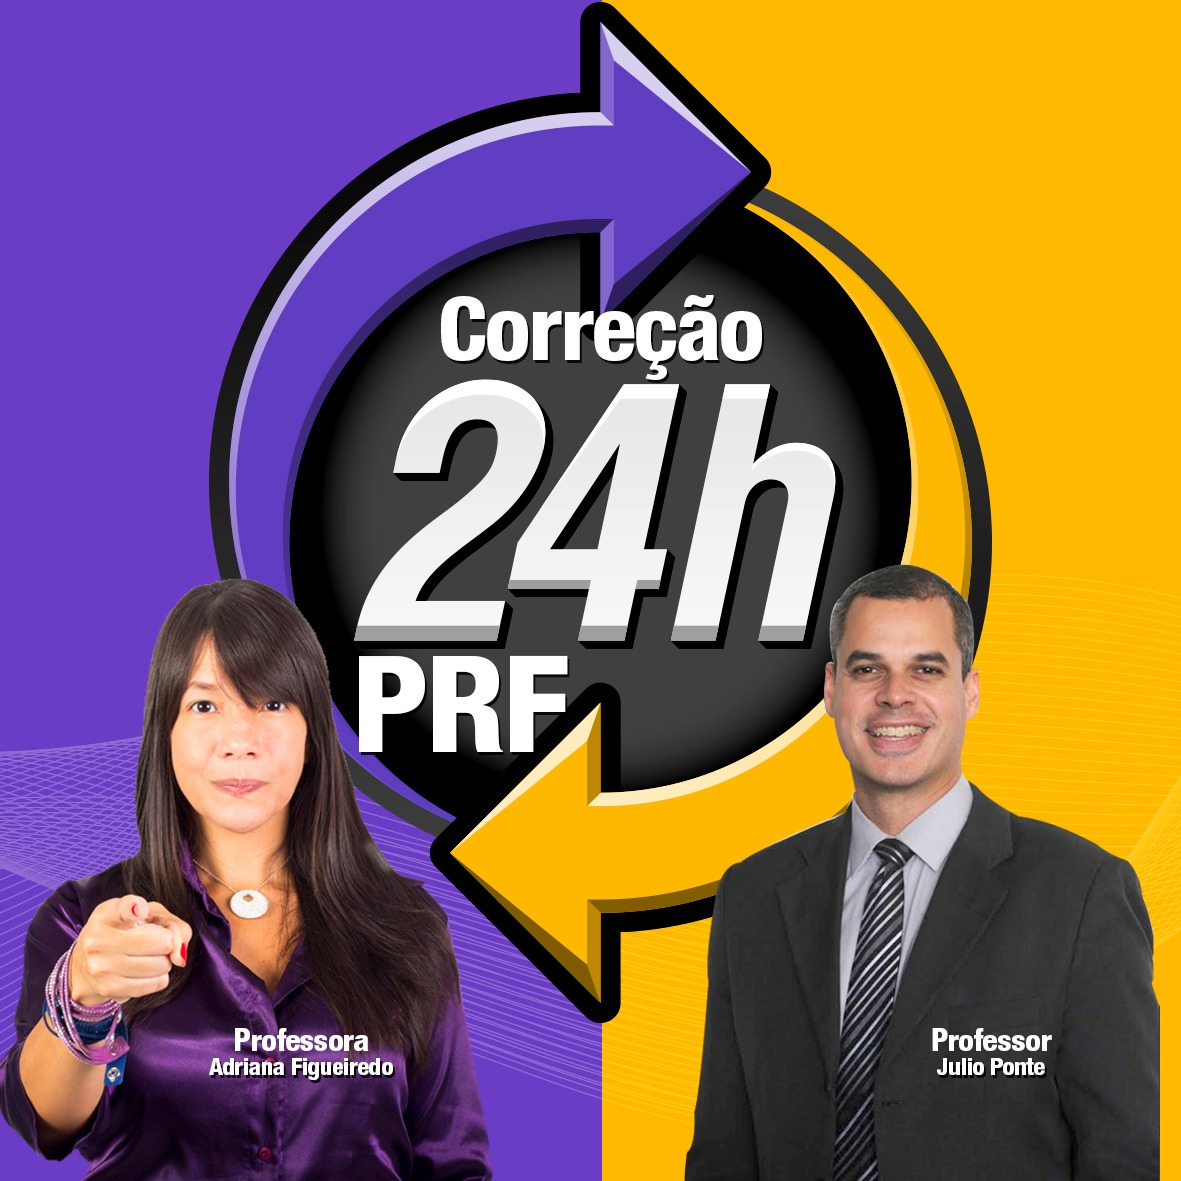 Correção 24 Horas PRF